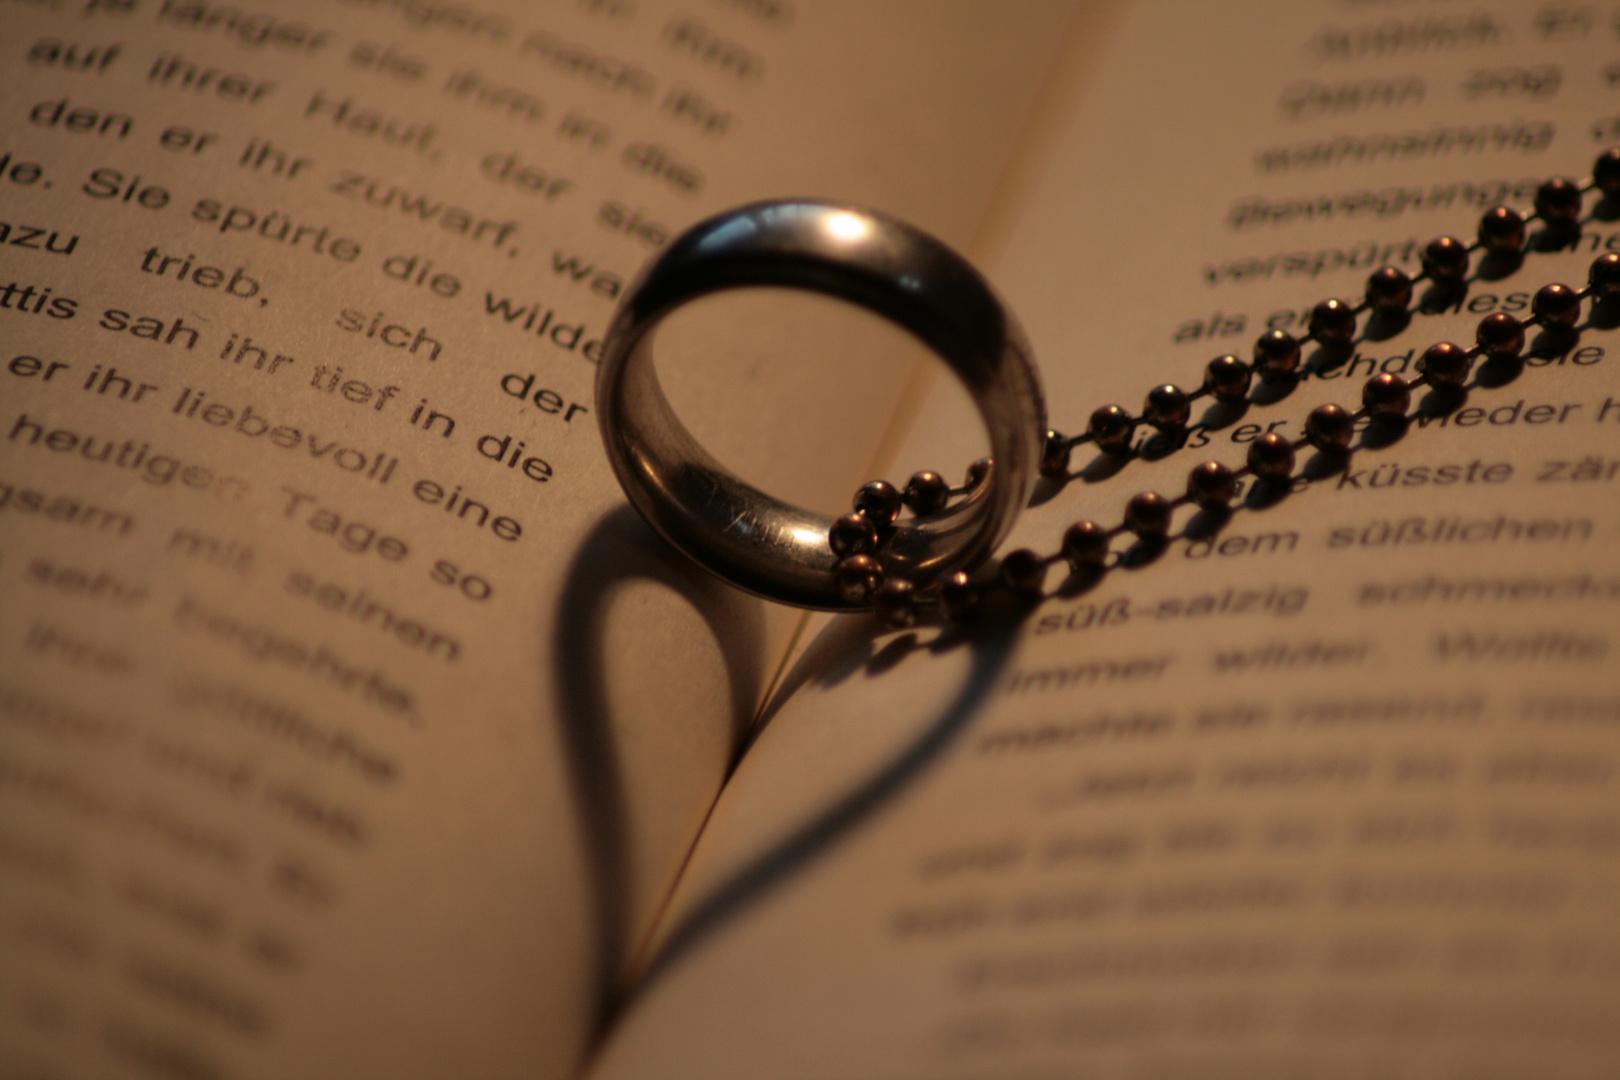 Liebe Ist Nicht Nur Ein Wort Foto Bild Stillleben Schreiben